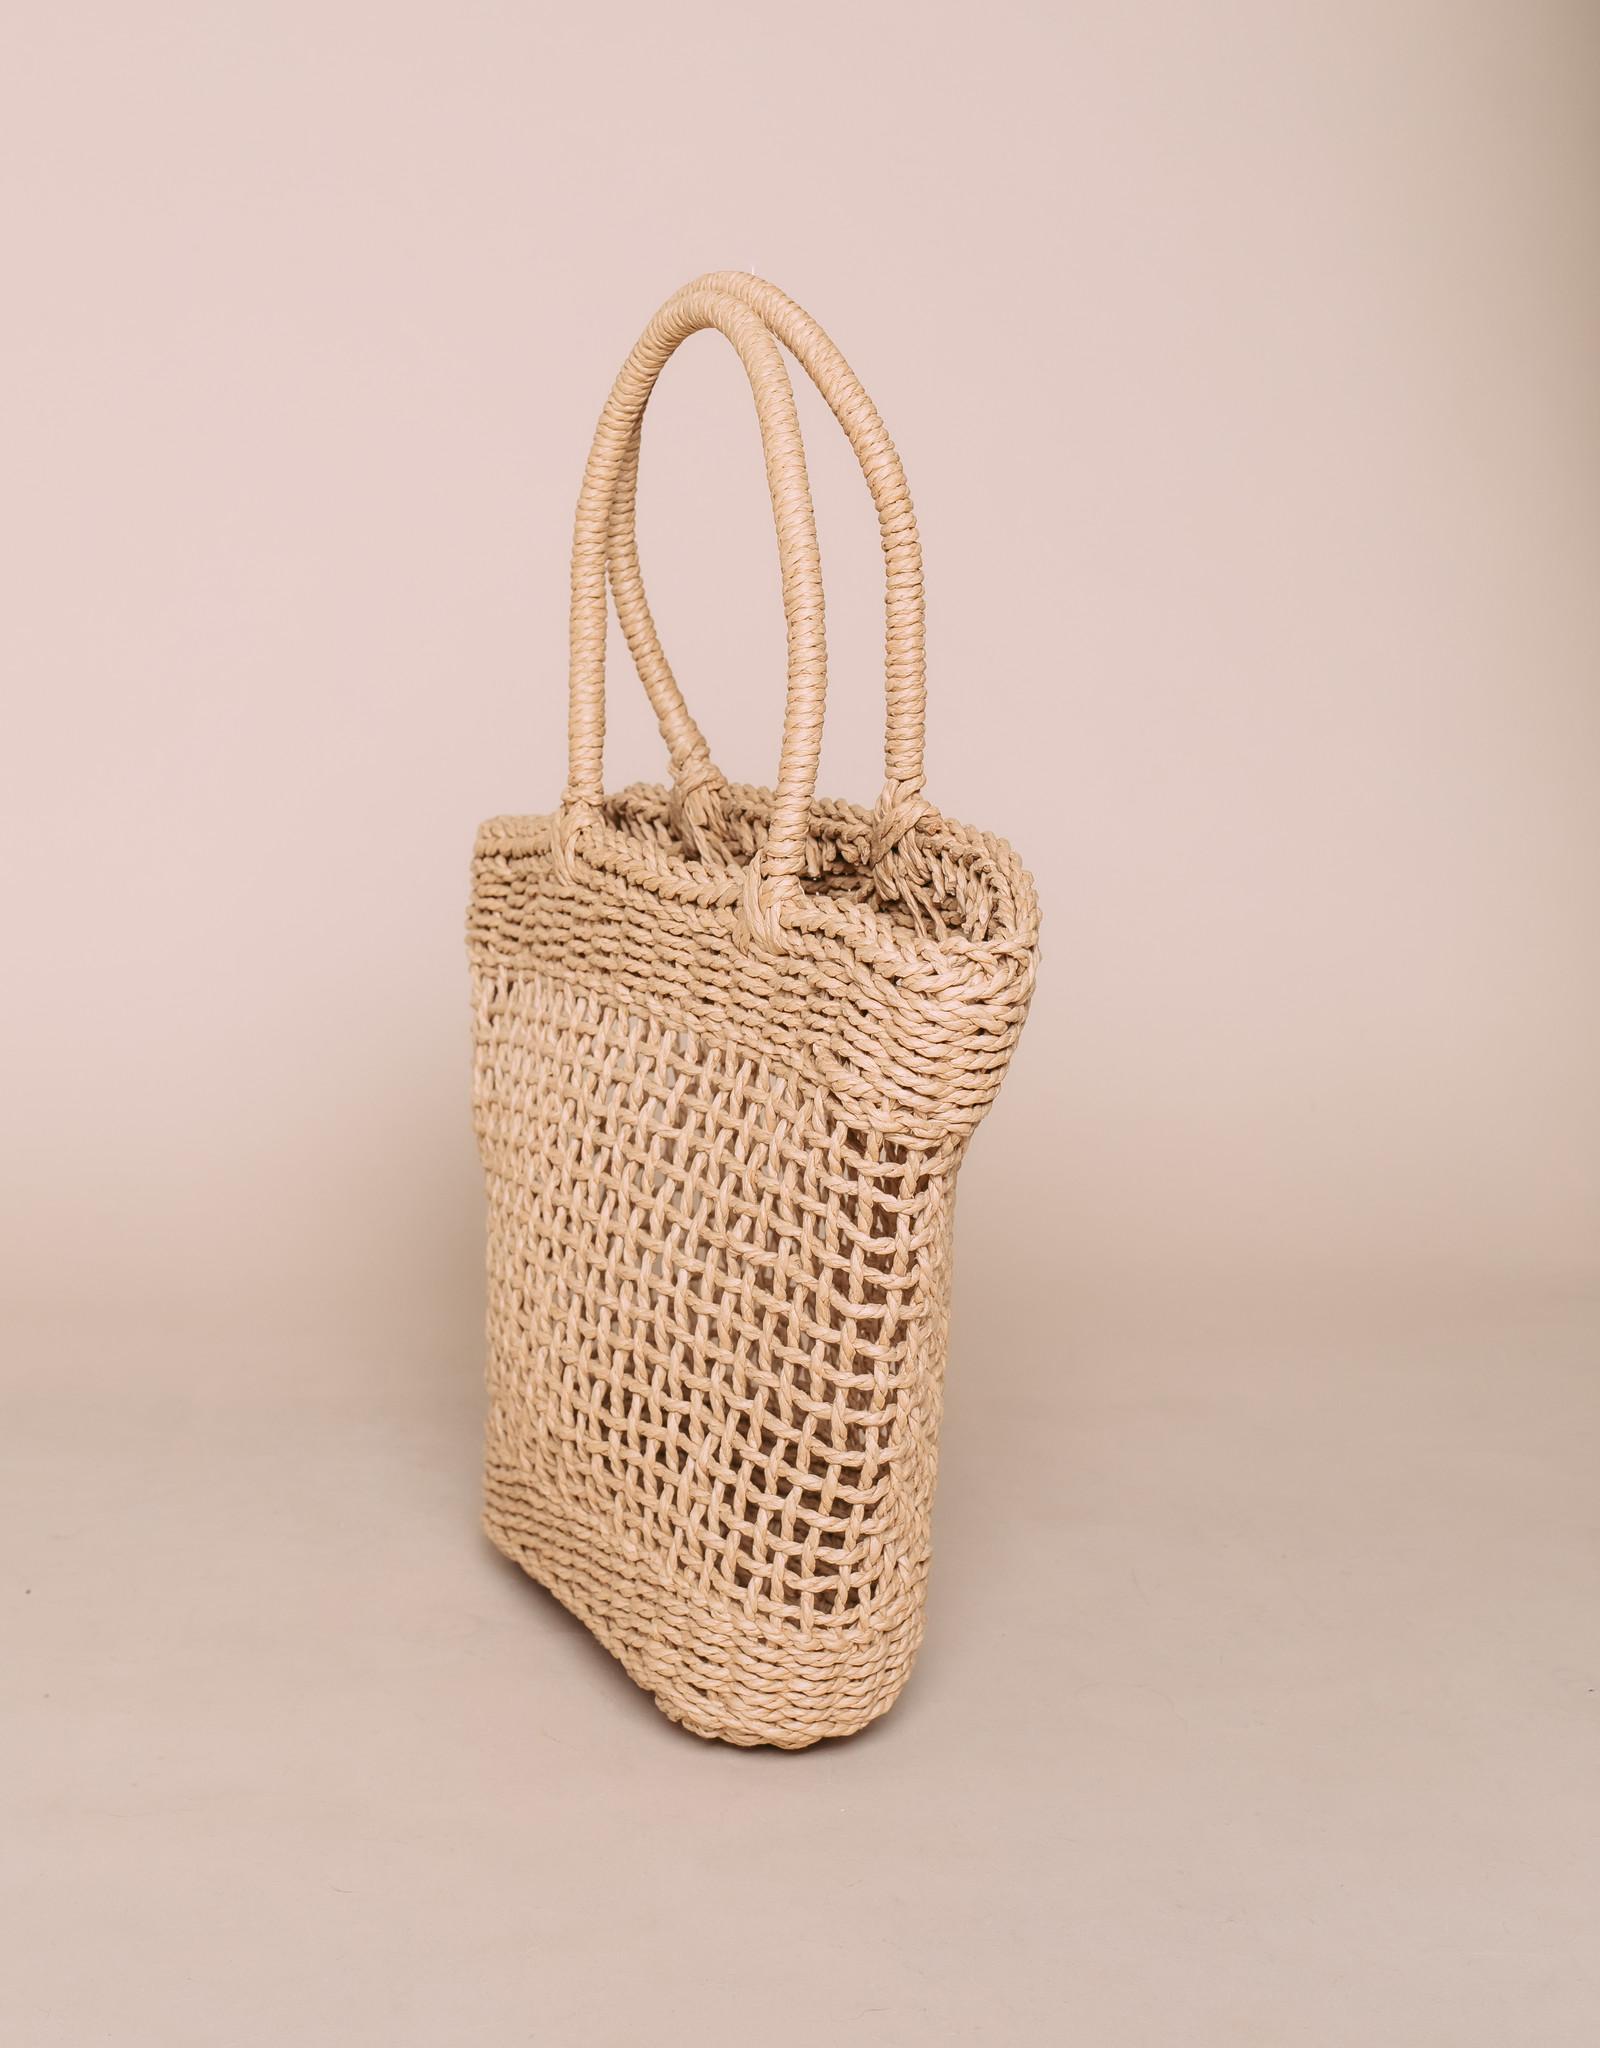 Orb Clothing Fiona Bag